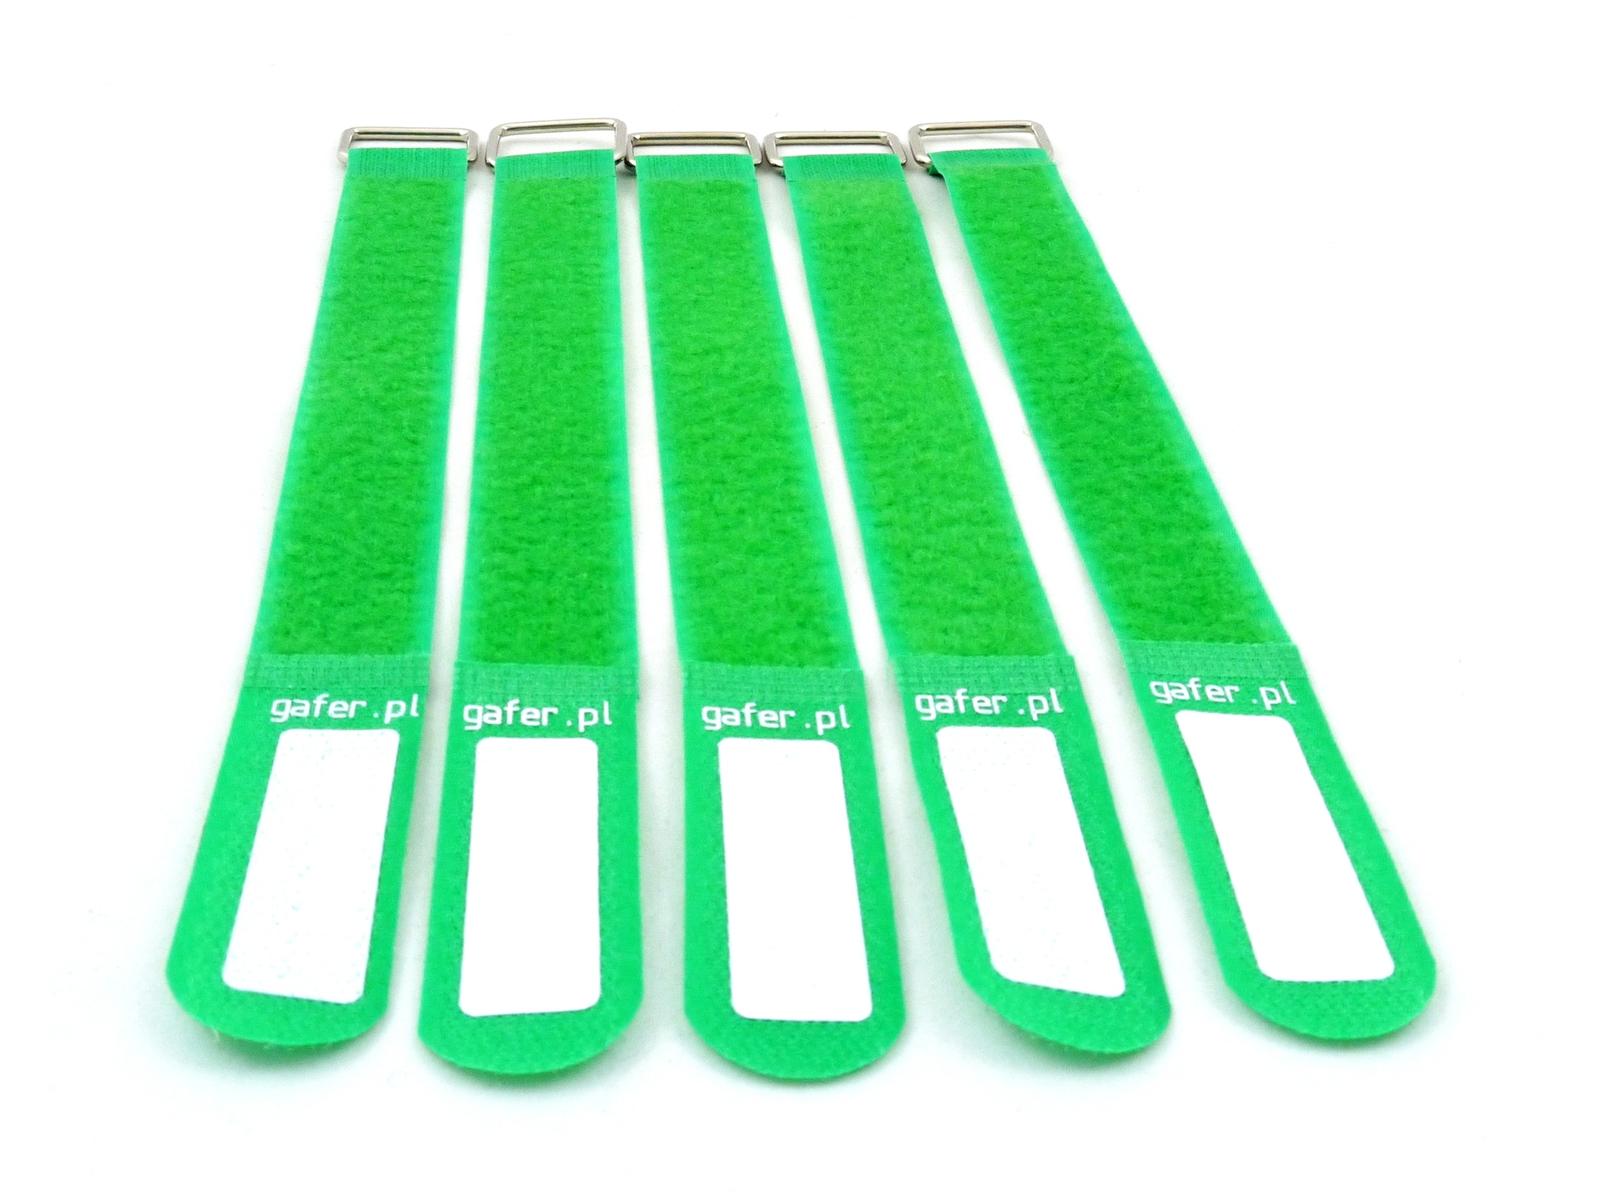 GAFER.PL Legare le Cinghie 25x260mm 5 pezzi verde